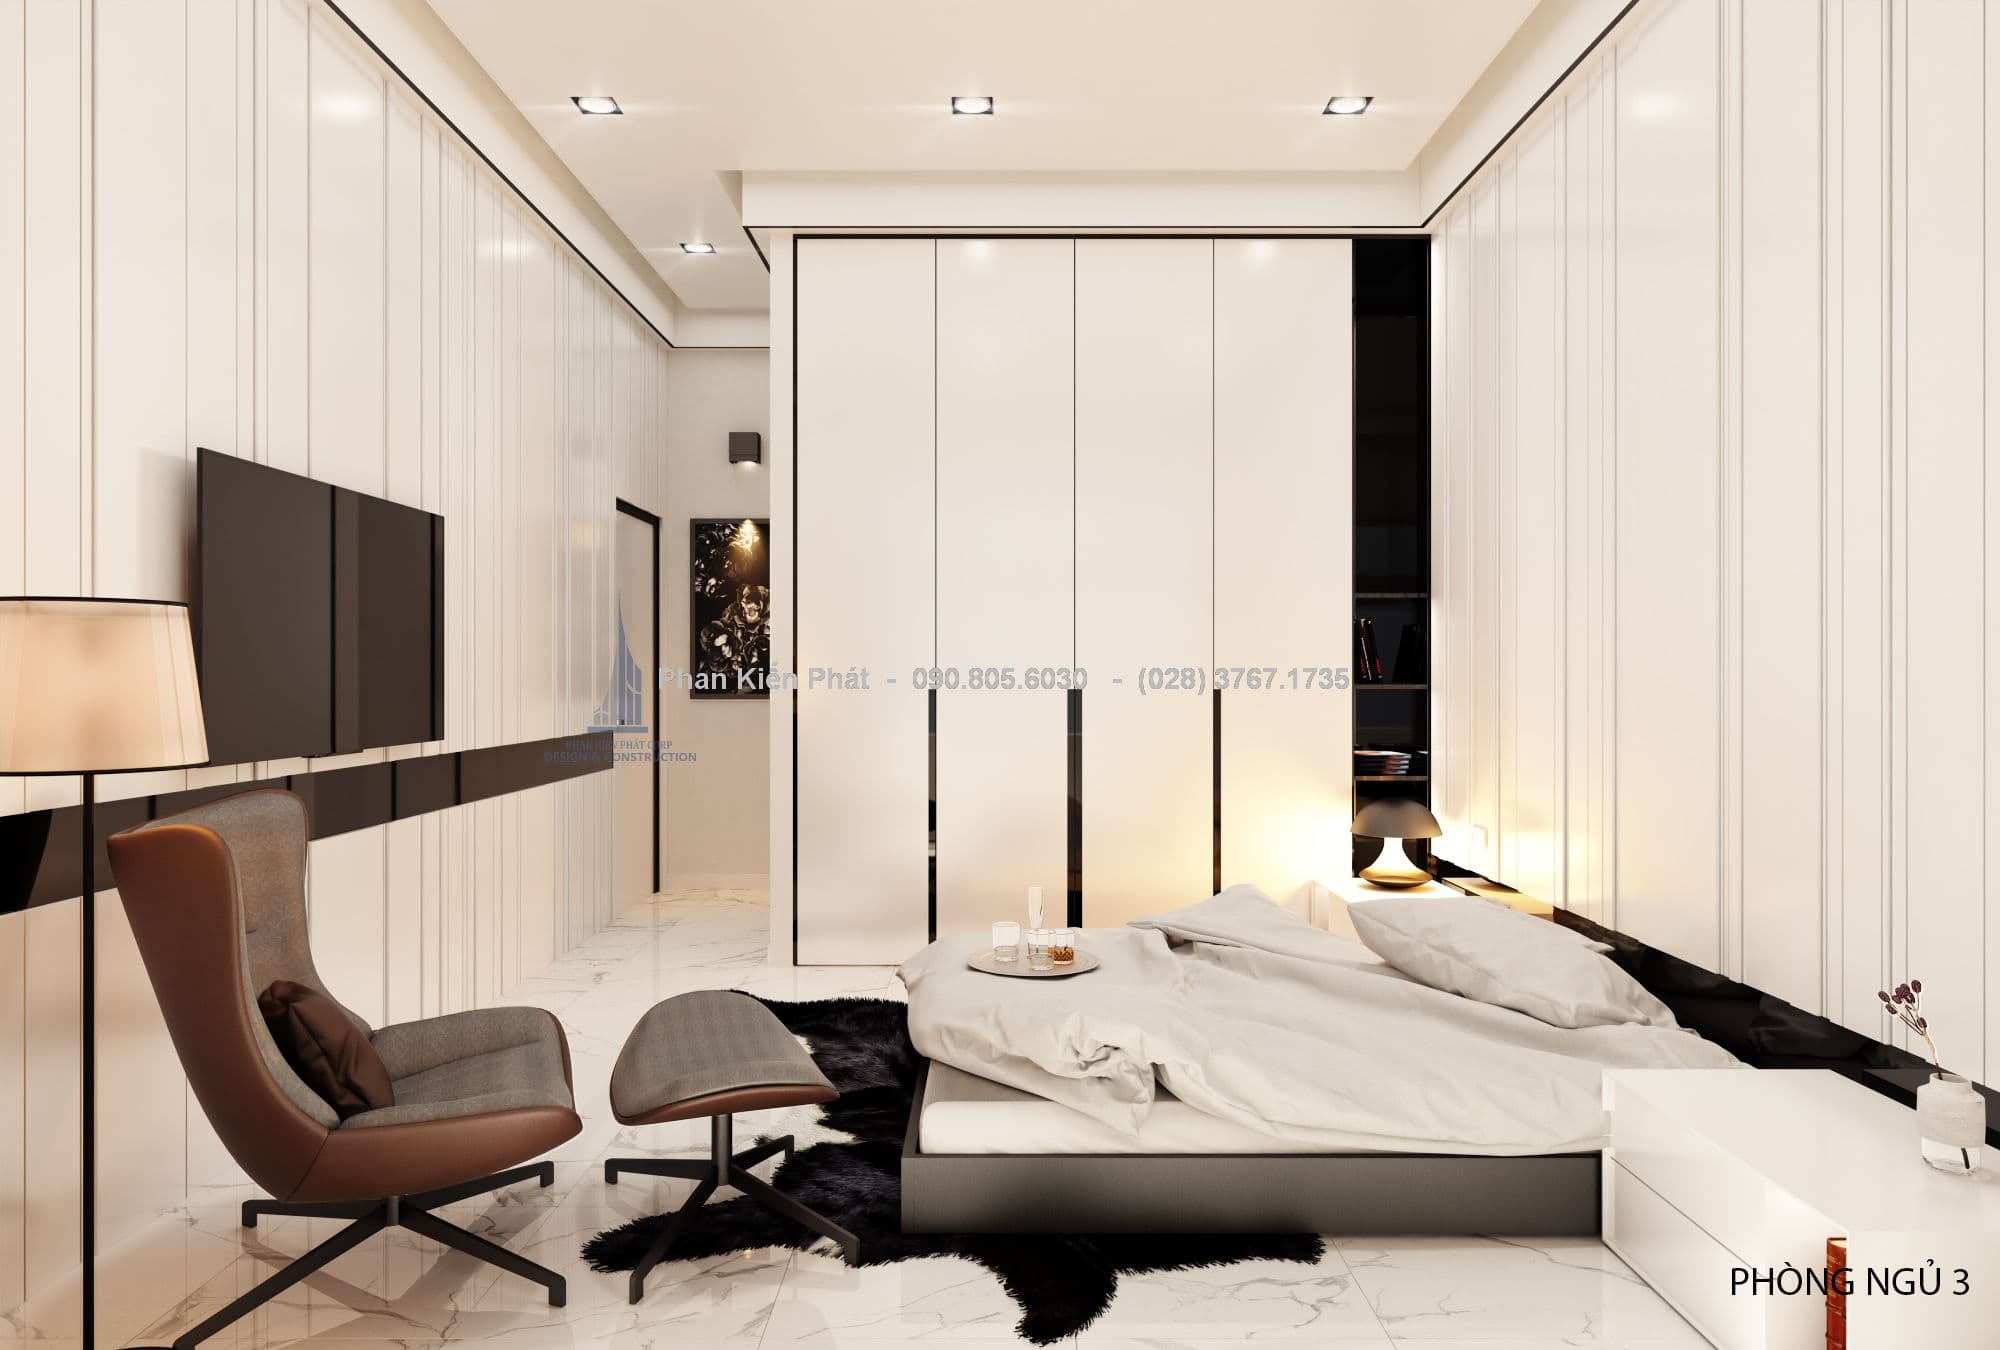 Phòng ngủ 3 cho mẫu nhà 1 trệt 2 lầu